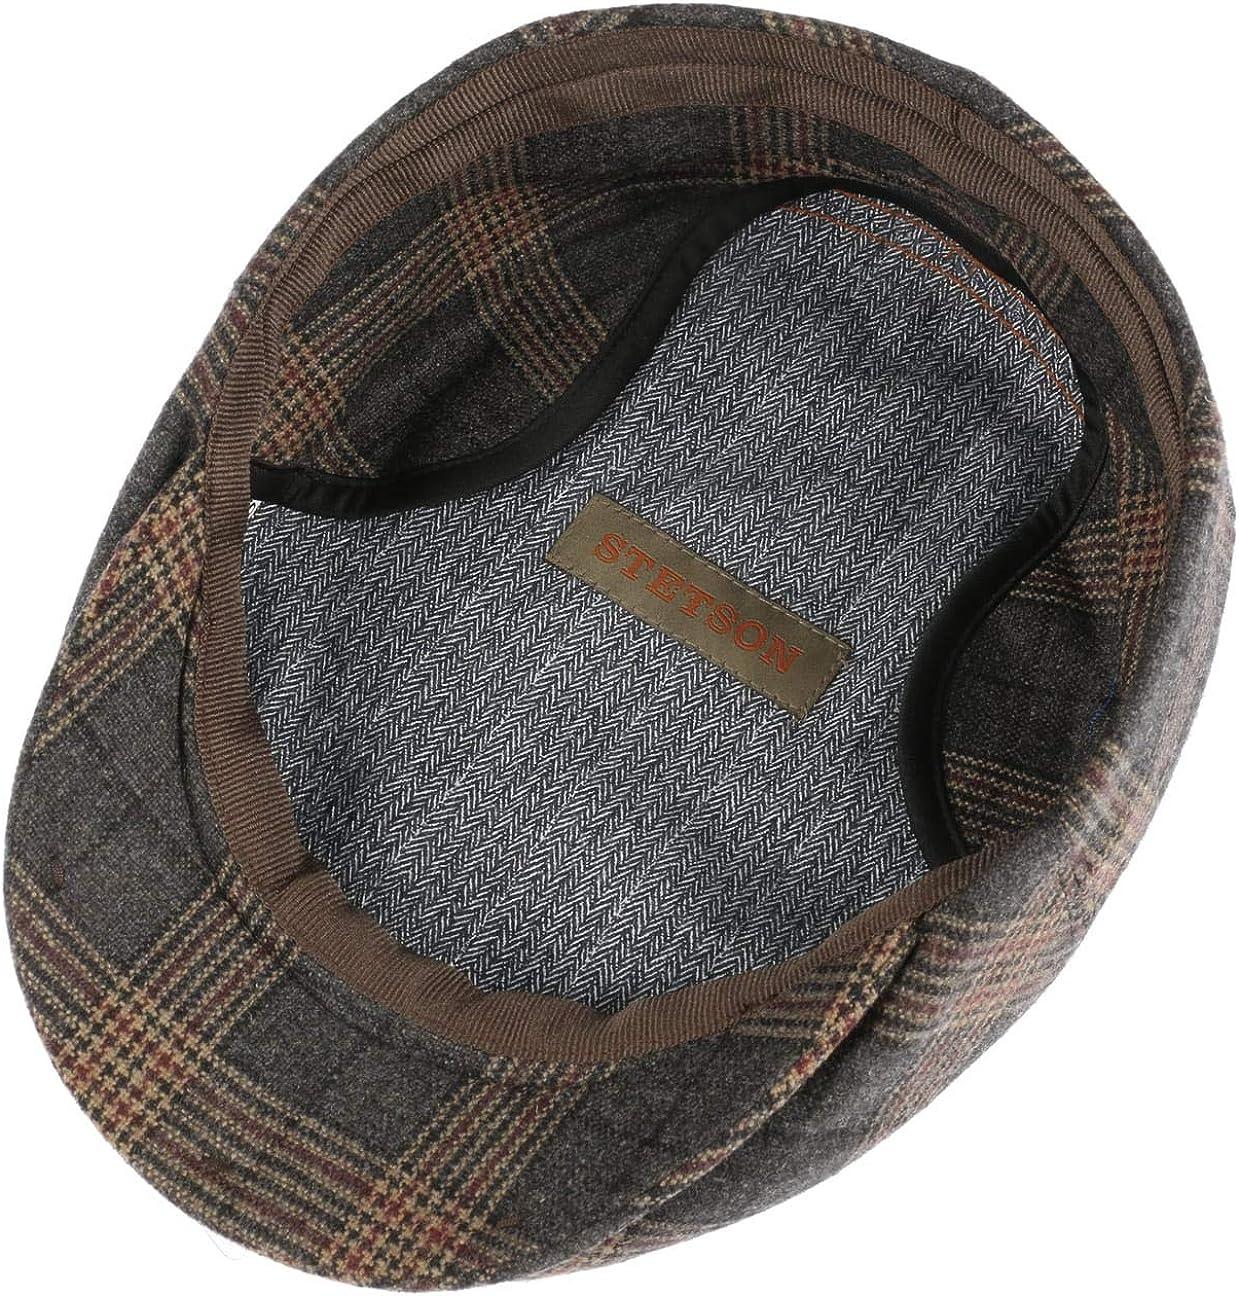 Pelle Autunno//Inverno Made in The EU Cappello Piatto Visiera Fascia Pelle Stetson Coppola con Paraorecchie Kent Check Uomo Fodera